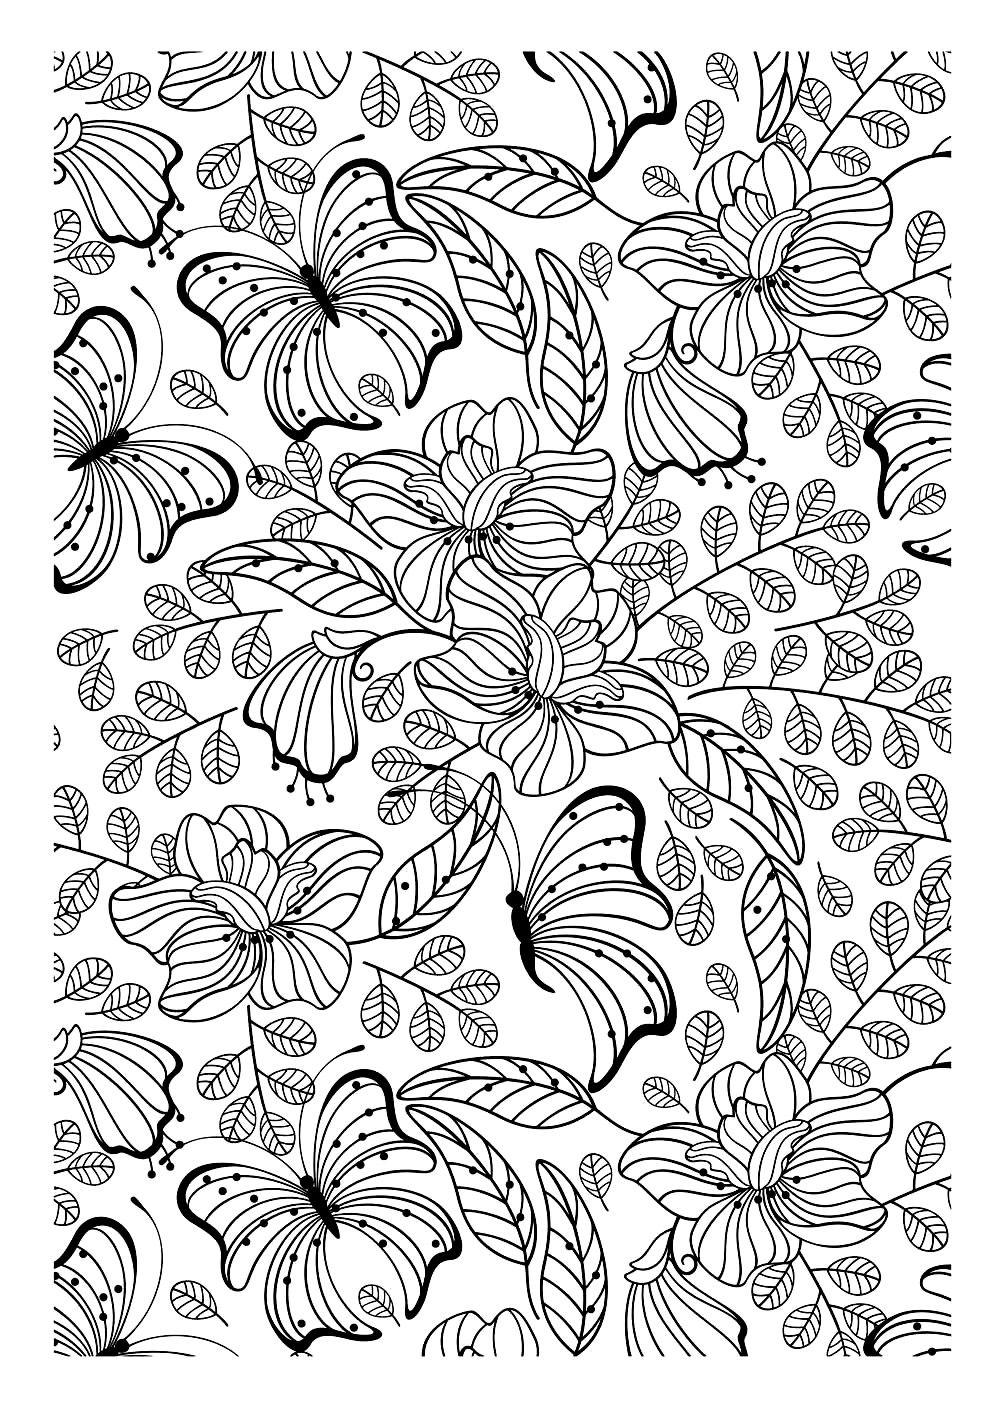 Galerie De Coloriages Gratuits Coloriage Adulte Papillons Encore